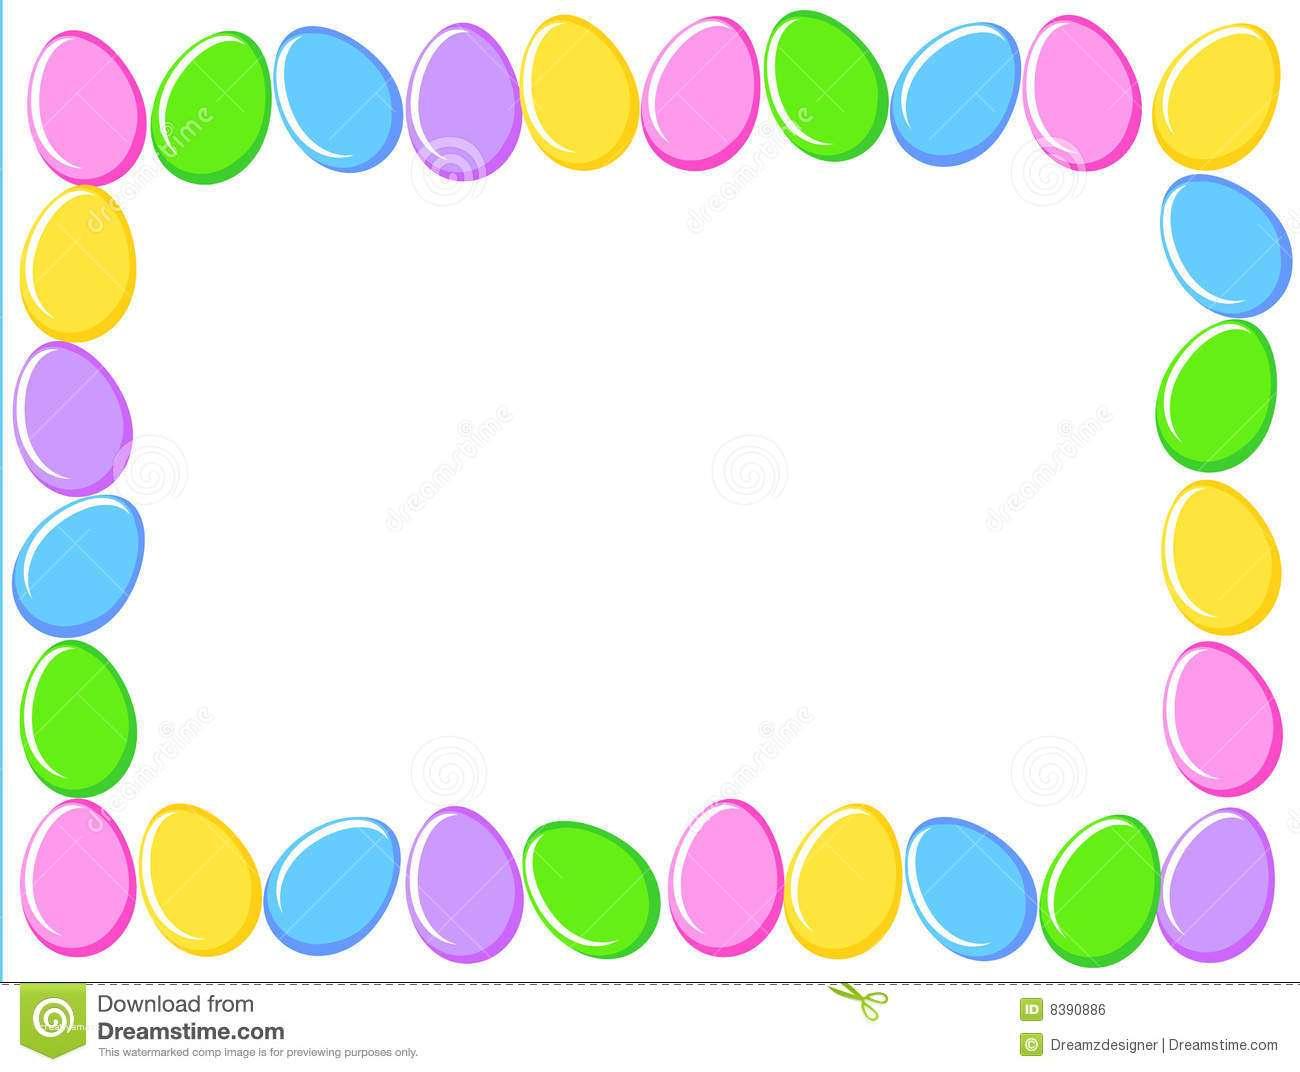 Eggs border elegant. Boarder clipart easter egg